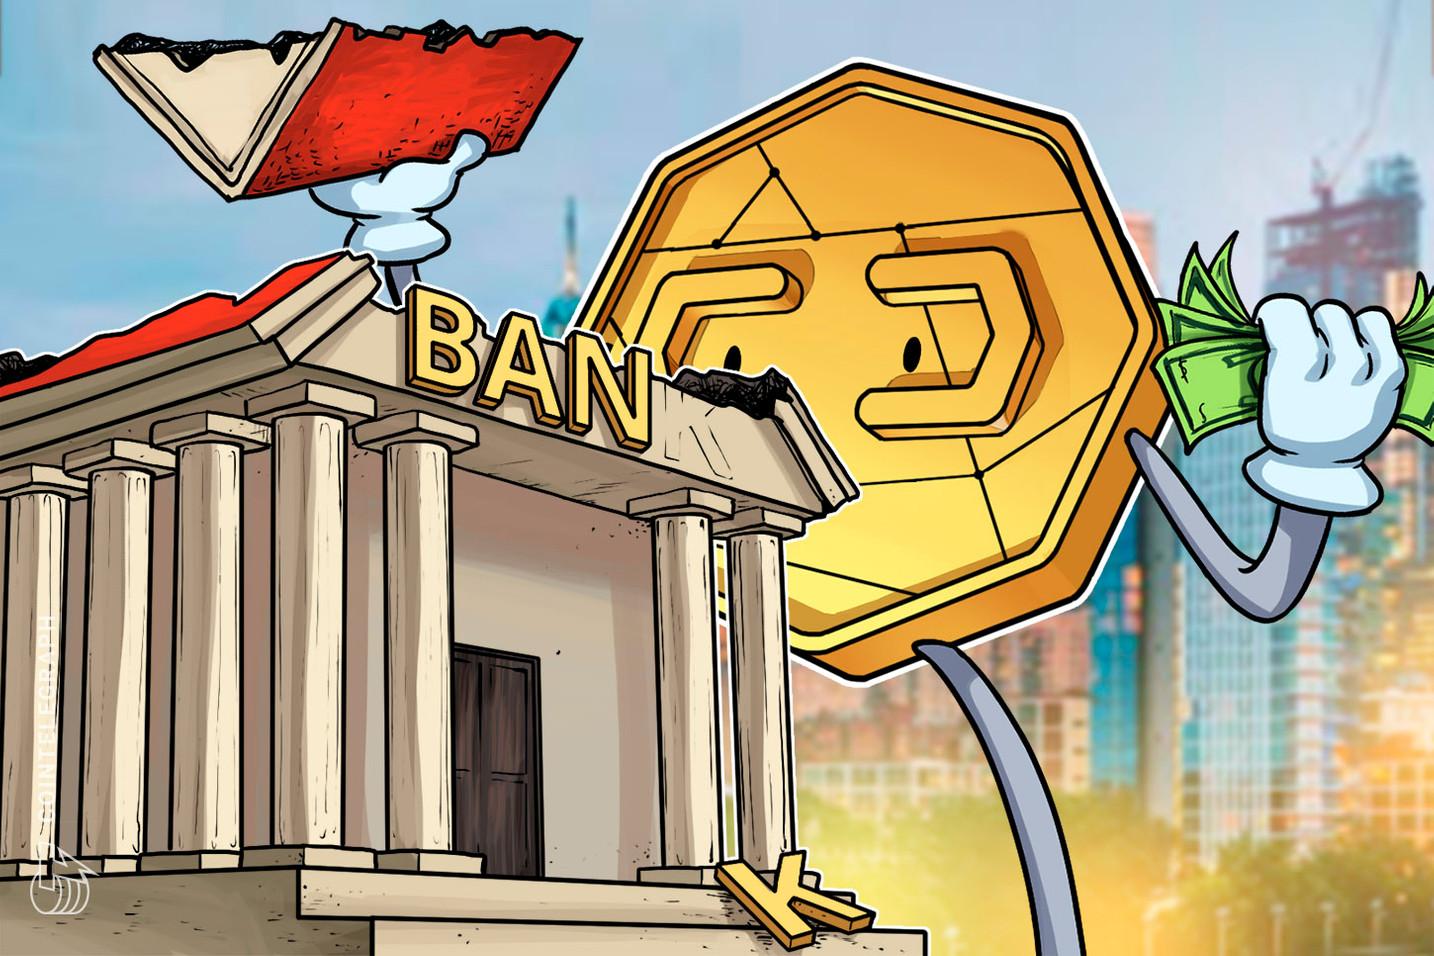 البنوك مقابل البورصات - المنظمون يفرضون عقوبات على العملات الورقية أكثر من العملات المشفرة